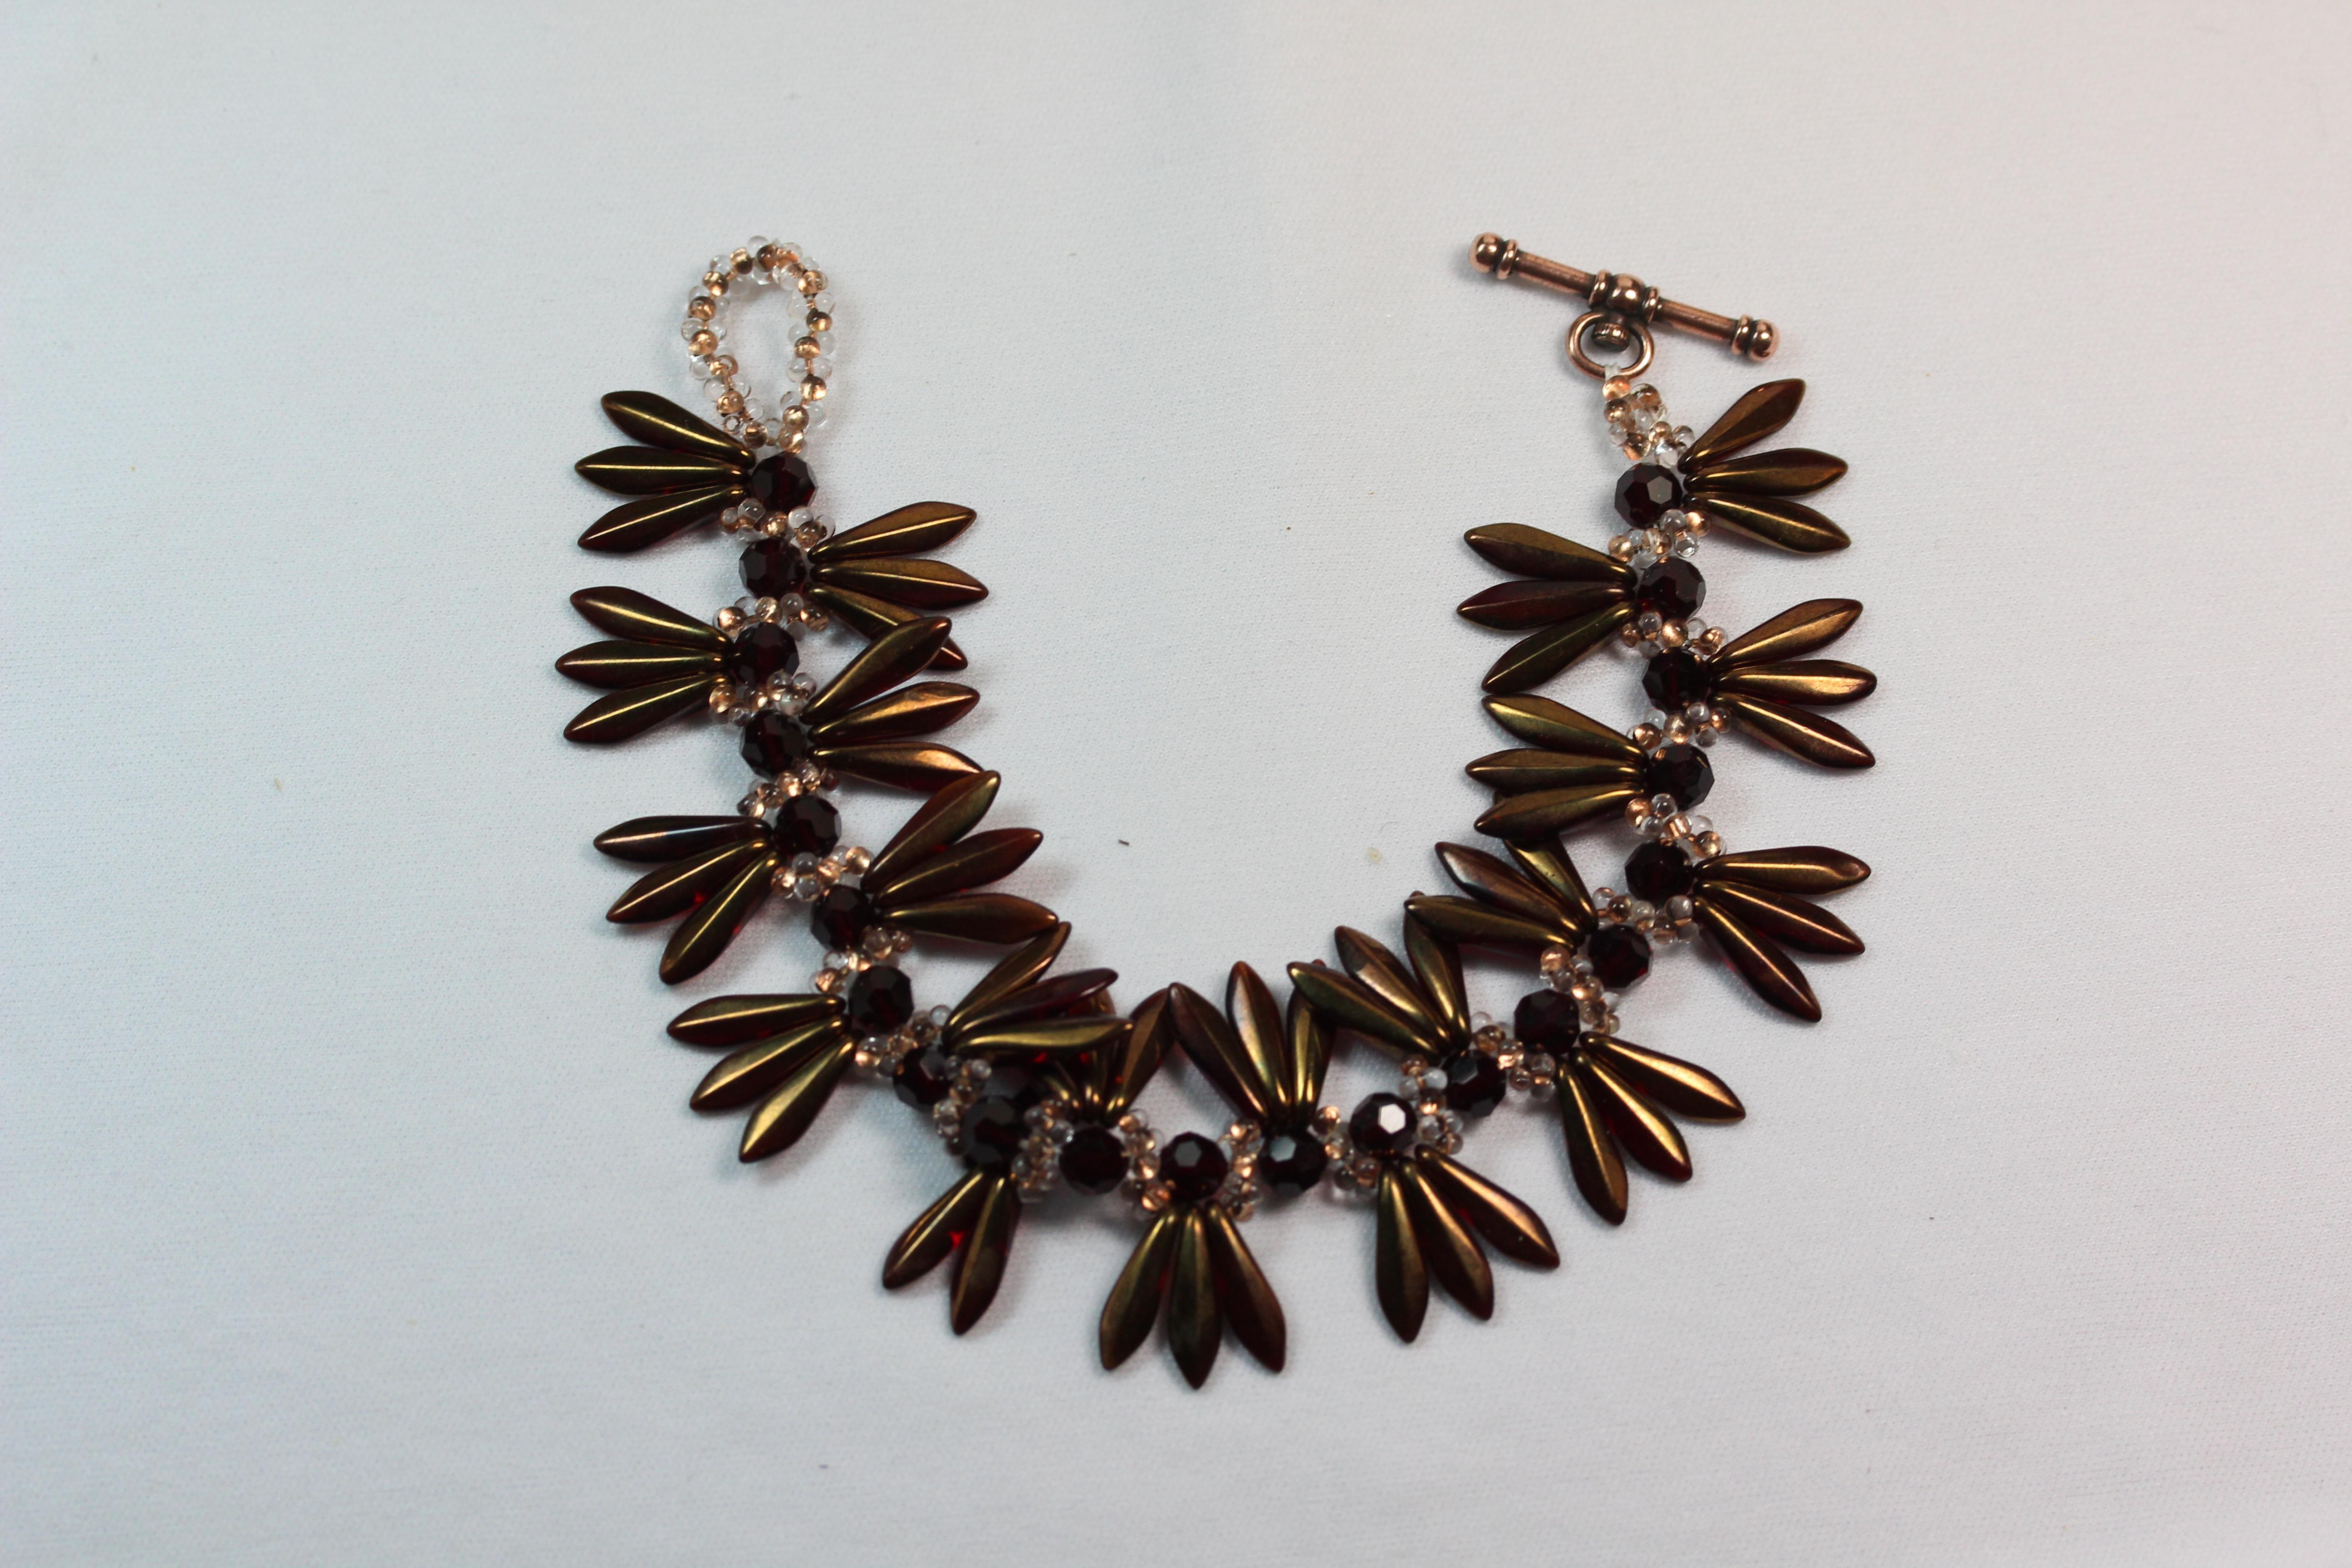 Designer Jewelry - Copper Dagger and Farfalle Butterfly Seed Bead Bracelet Pattern